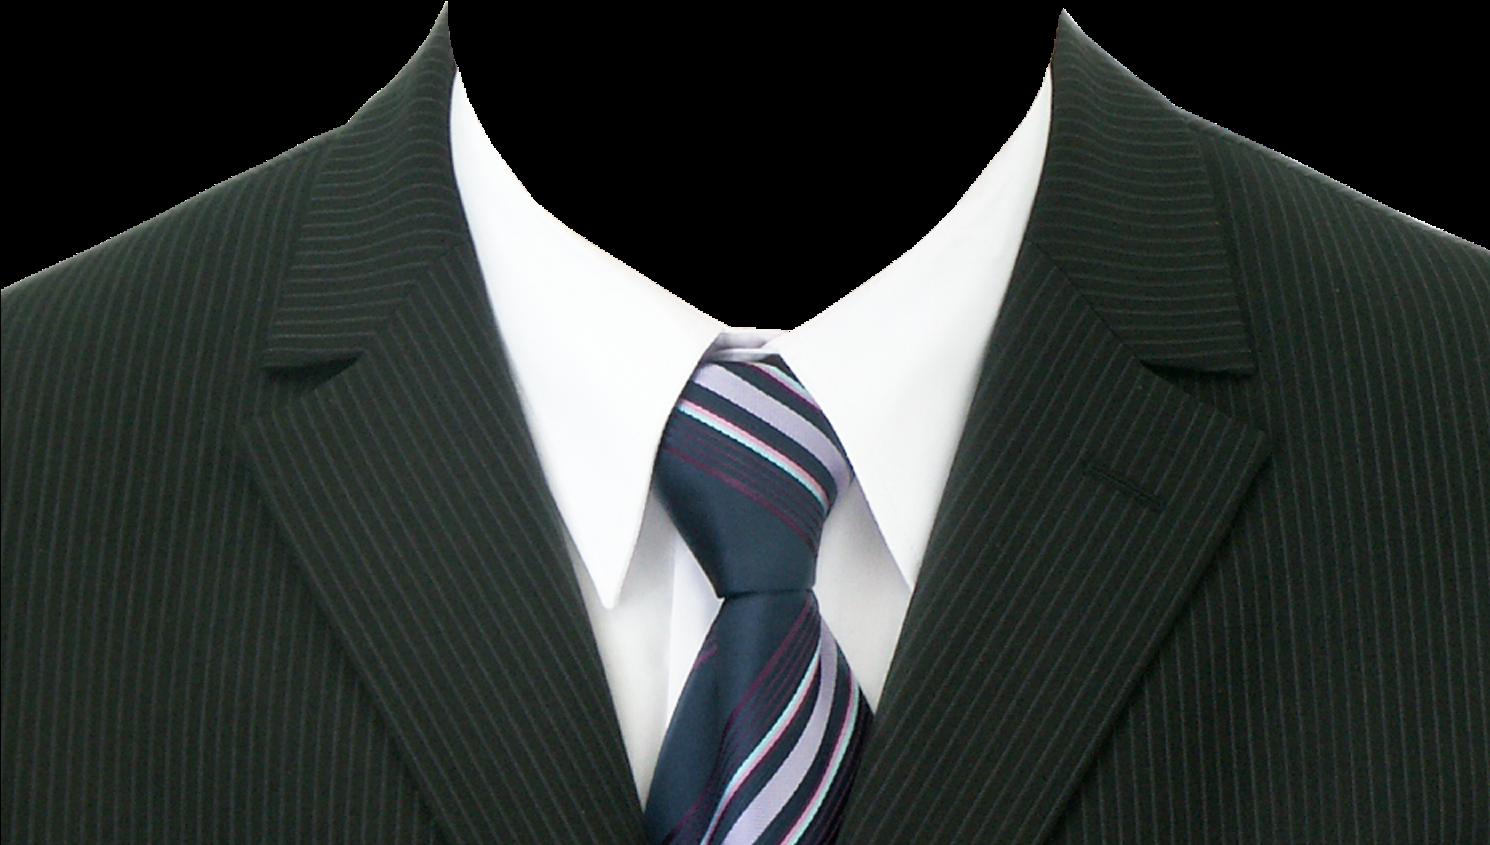 Coat Clipart Suit Jacket.